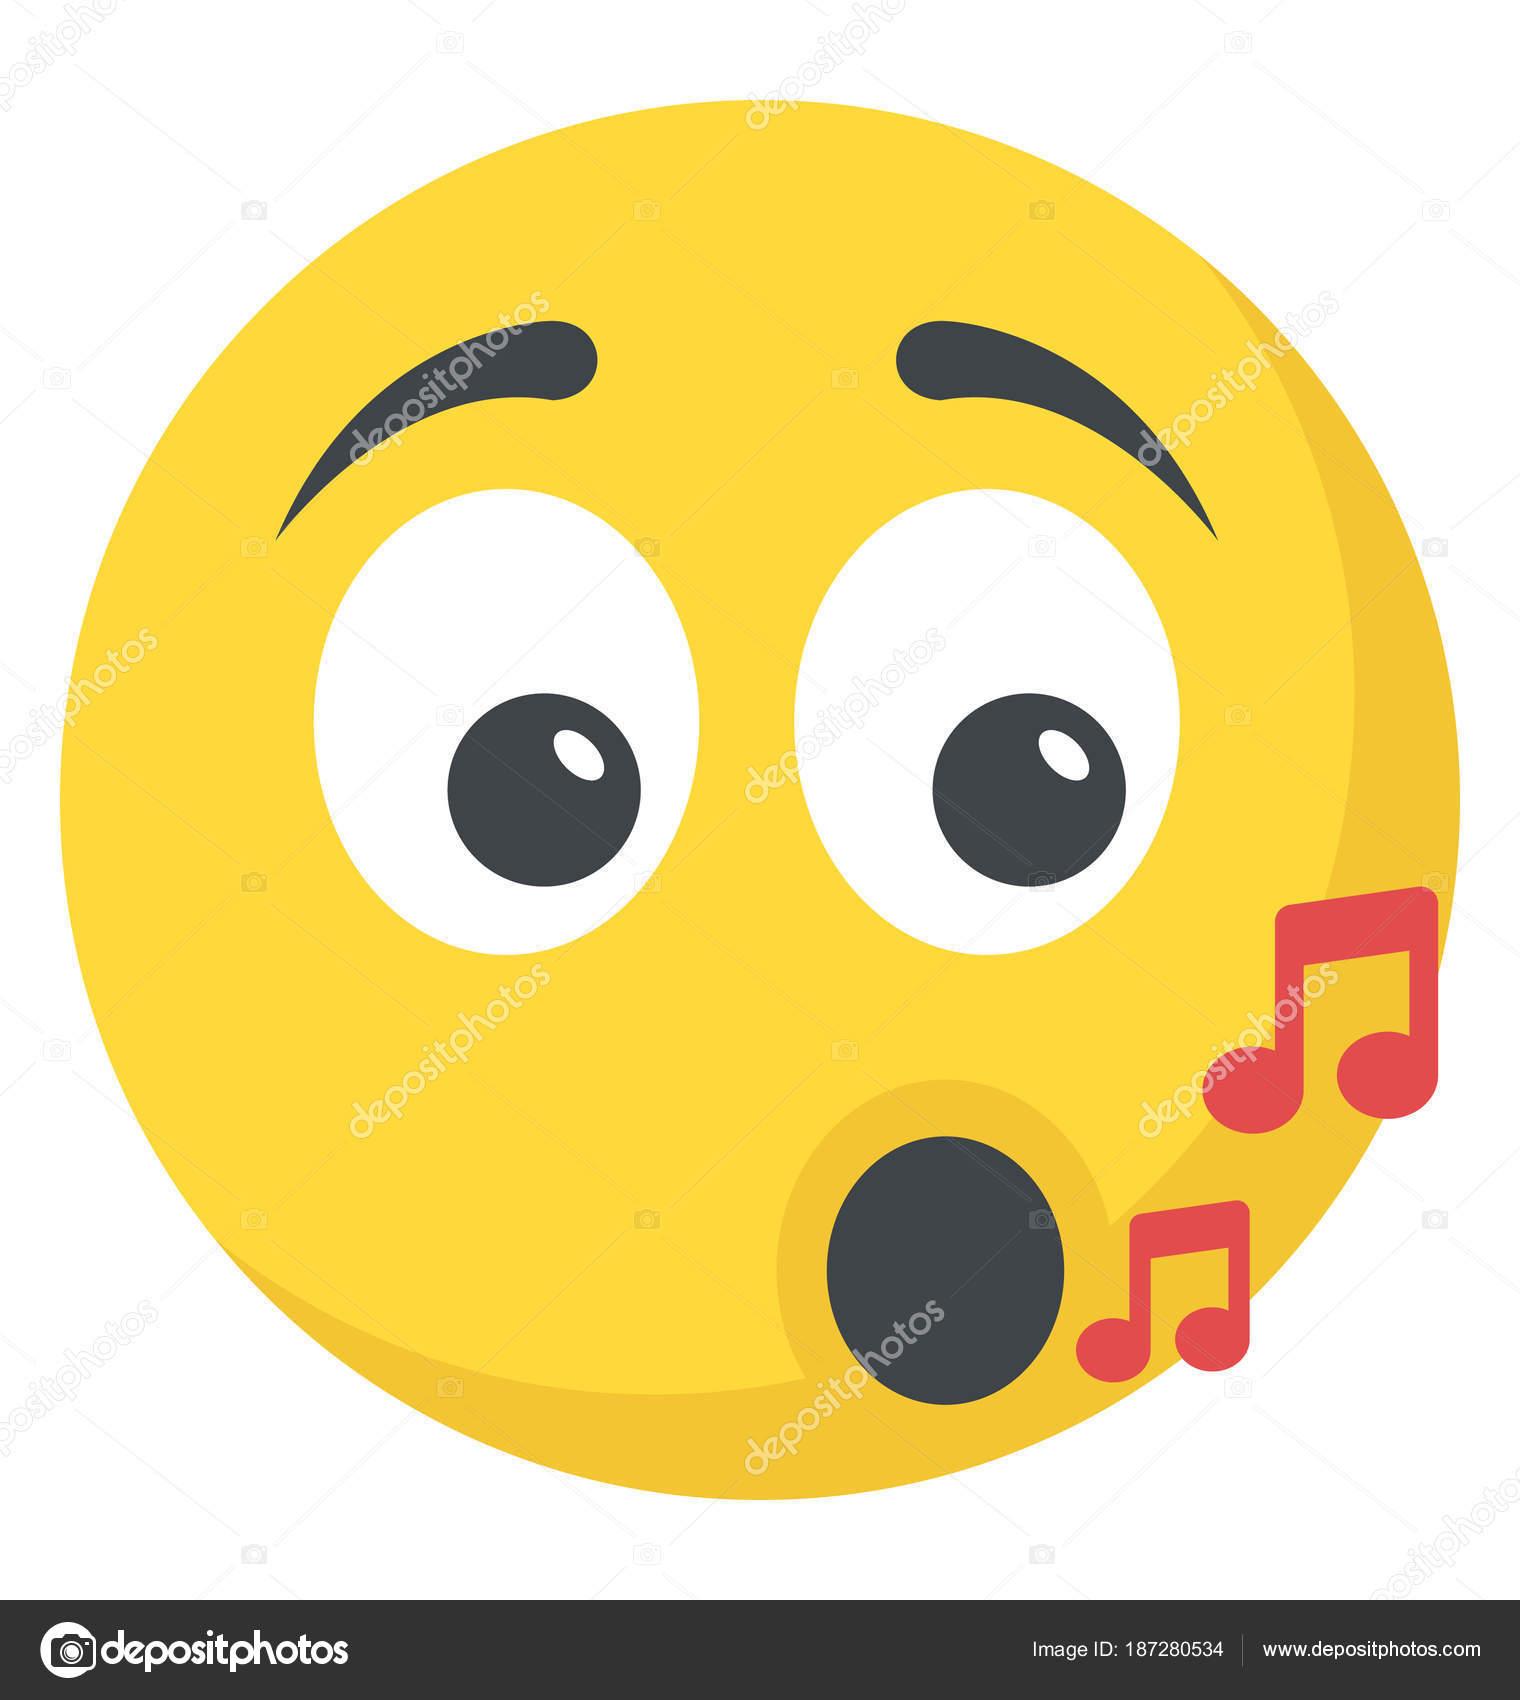 Smiley Music Note Emoticon Stock Vector C Vectorspoint 187280534